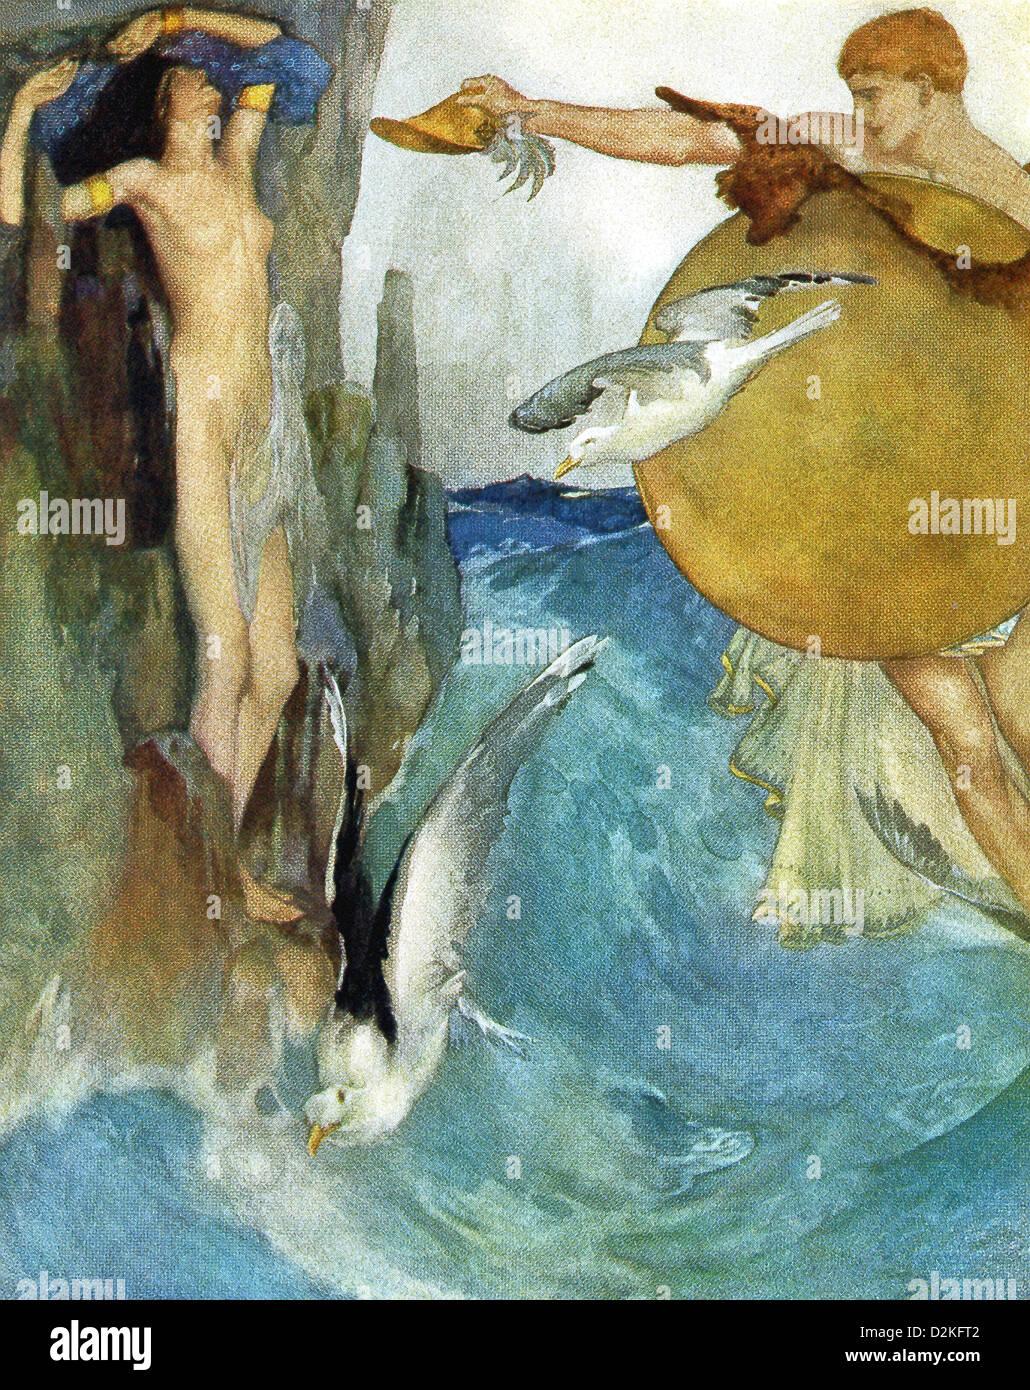 The Greek Hero Perseus Rescues Andromeda The Daughter Of